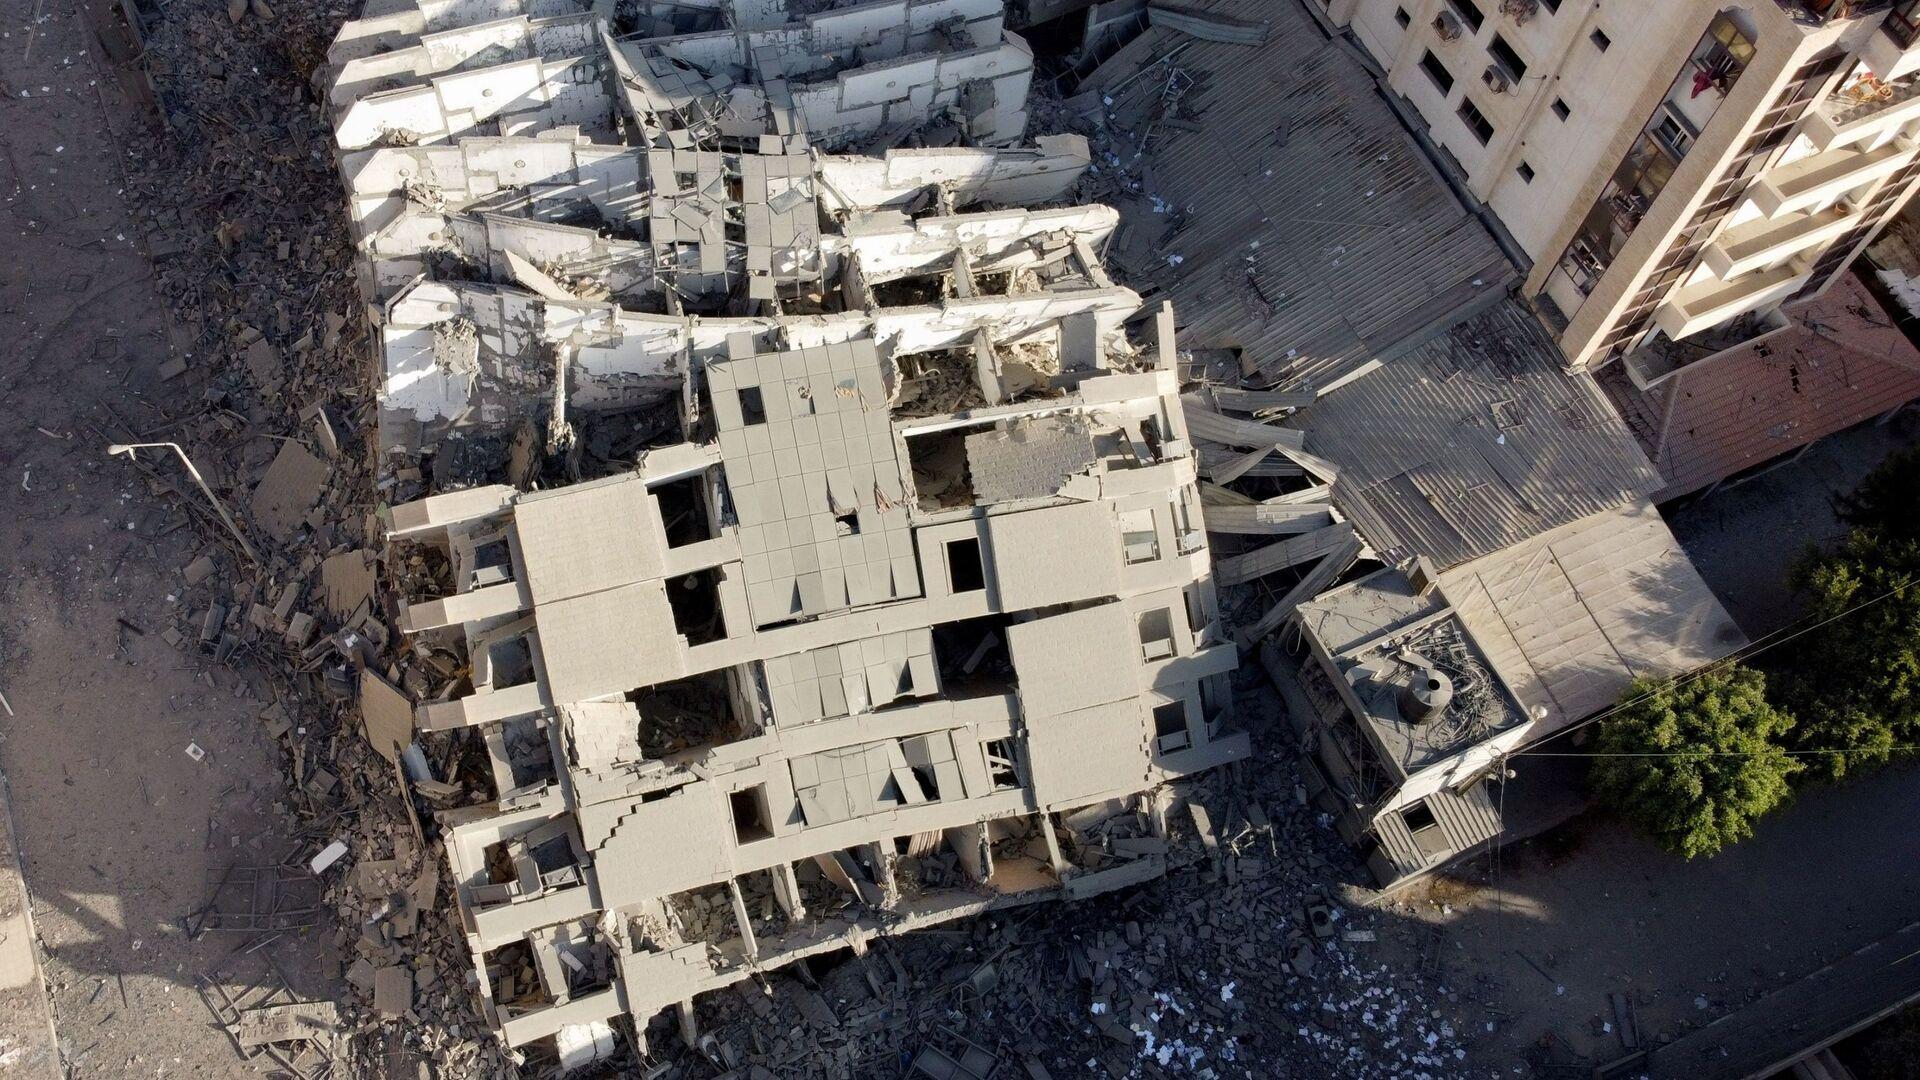 На снимке, сделанном с помощью беспилотника, видны руины здания, разрушенного в результате израильских воздушных ударов, на фоне вспышки израильско-палестинского конфликта в городе Газа - Sputnik Mundo, 1920, 13.05.2021